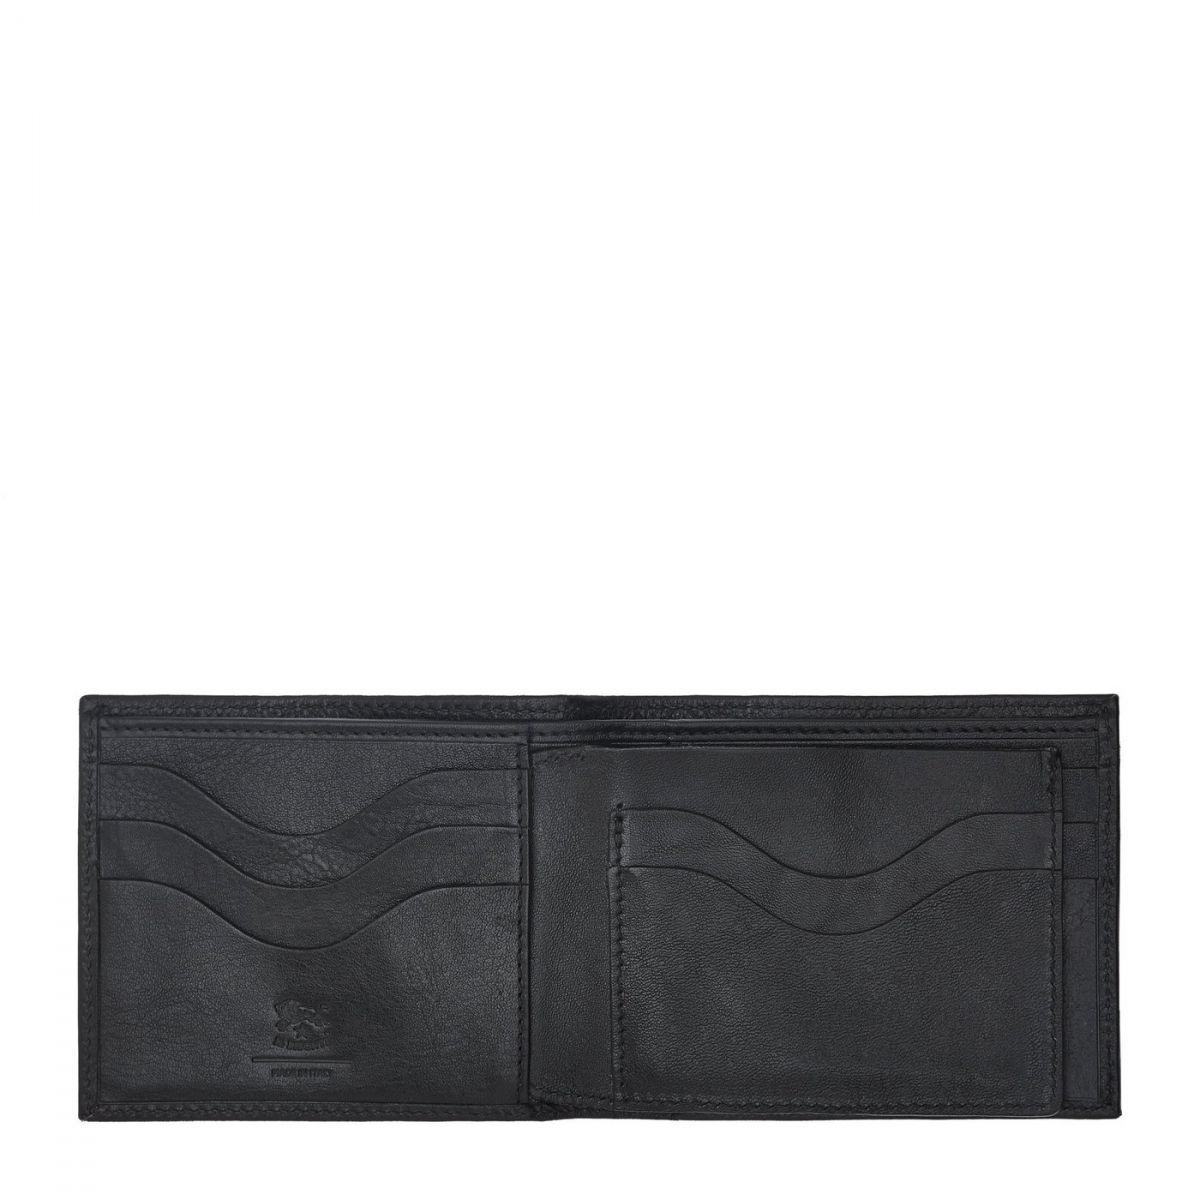 Men's Bi-Fold Wallet in Cowhide Leather color Black - SBW042 | Details